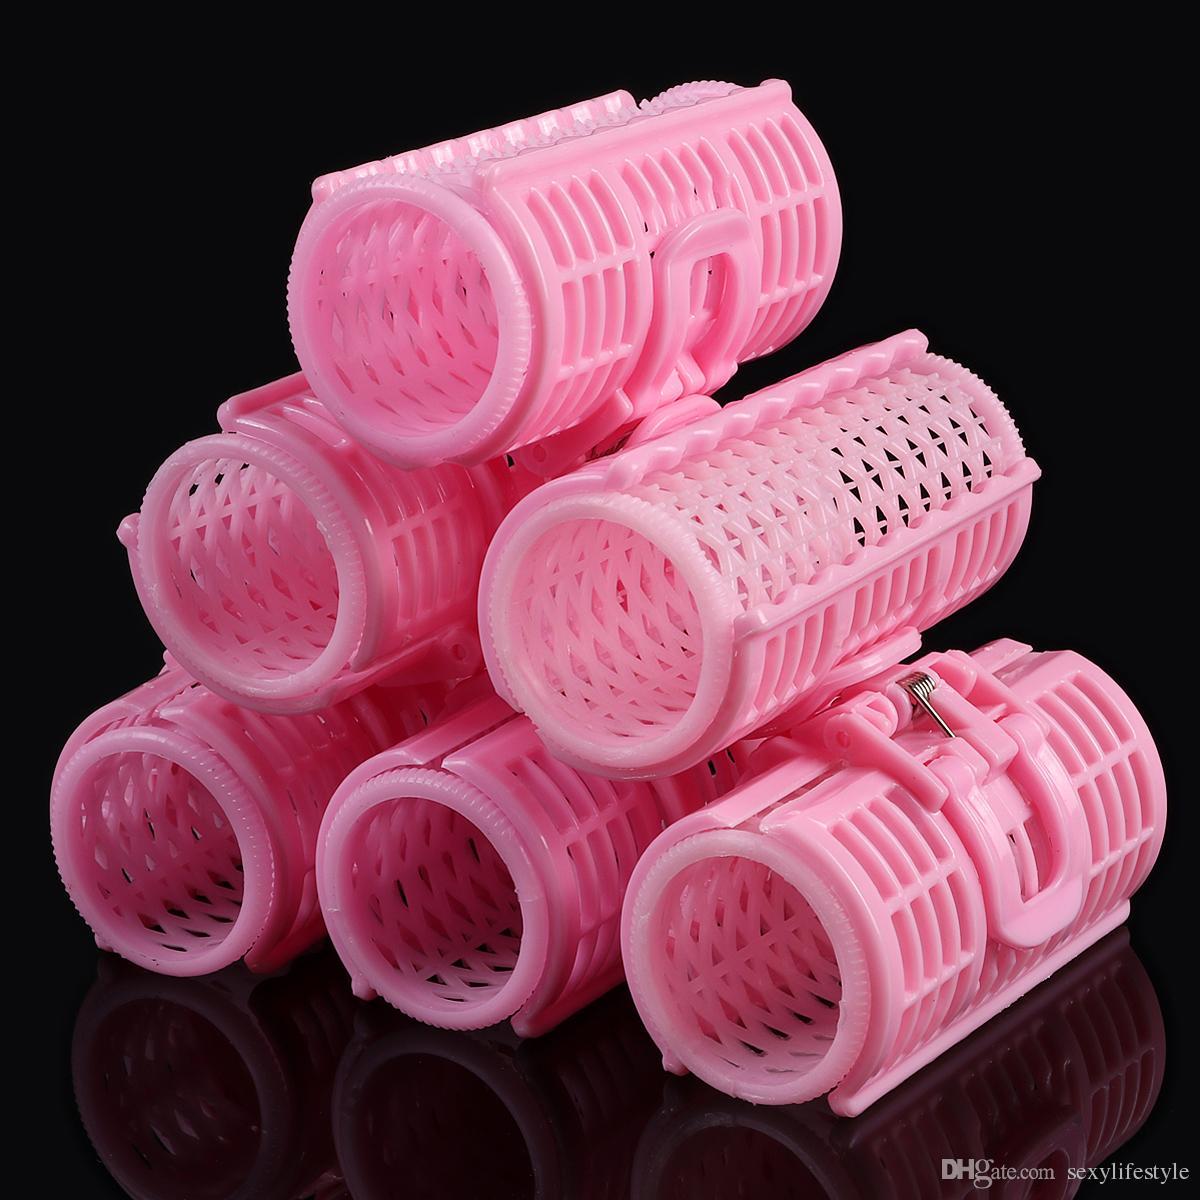 6 Unids / set Plástico Rosa Grip Cling Peluquería Rizador de Pelo Rollos de Primavera Clips Capas Dobles Rizos Uso Del Hogar DIY Herramienta de Peinado del cabello